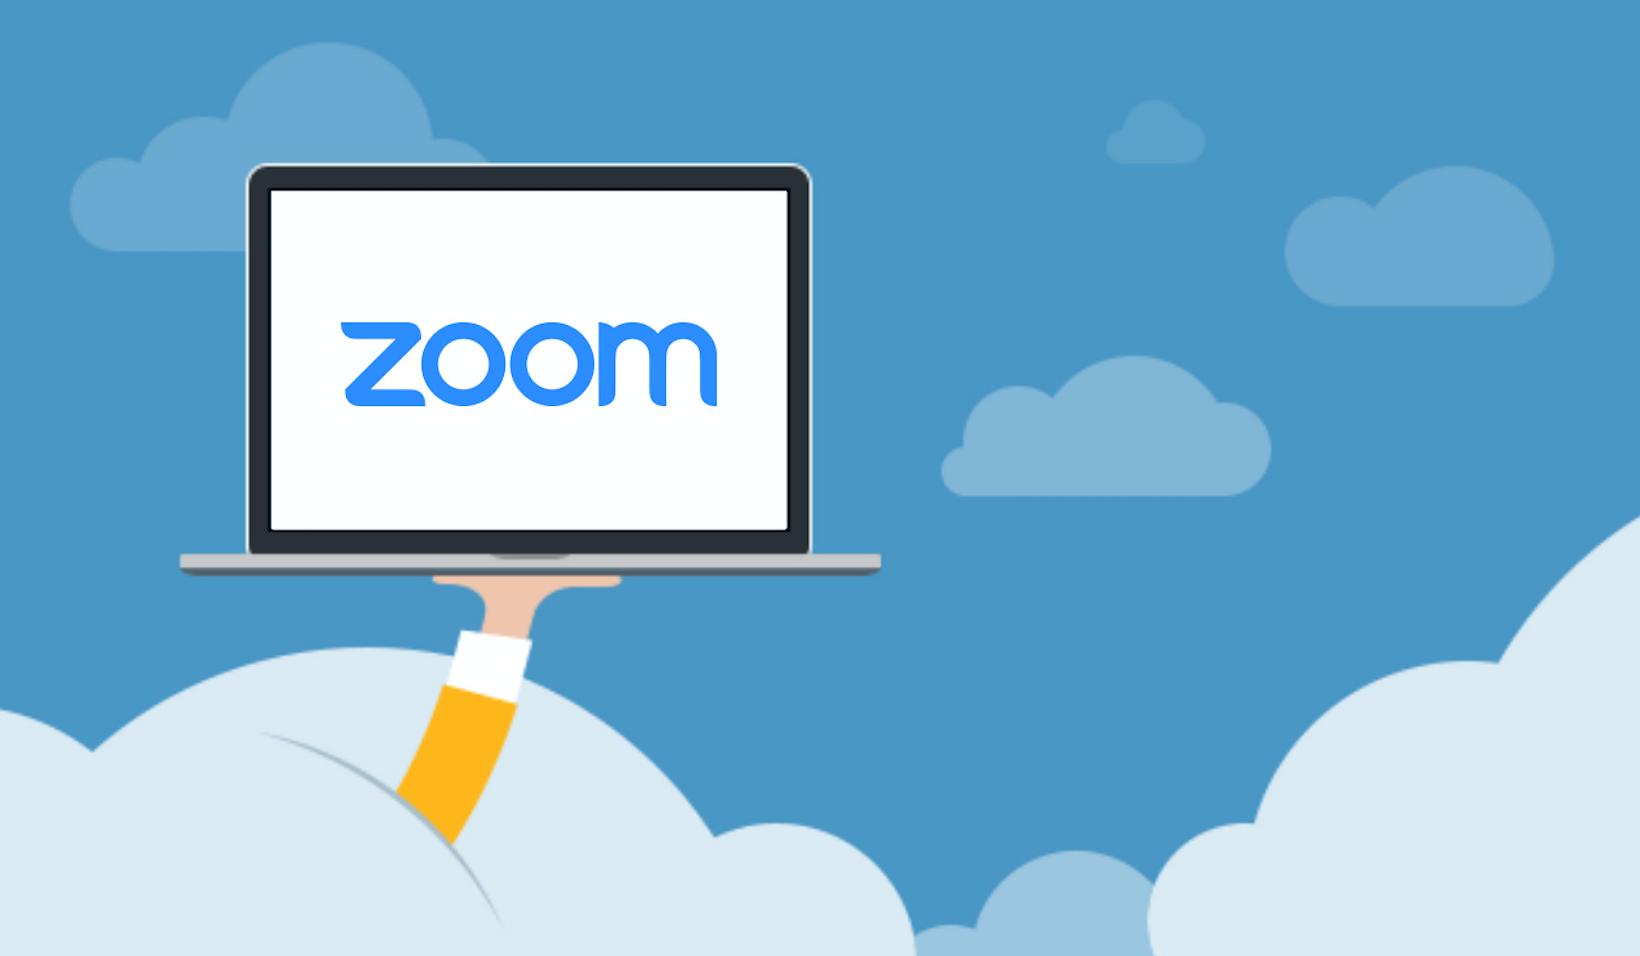 Zoom Kullanıcı Sayısı 200 Milyonu Aştı